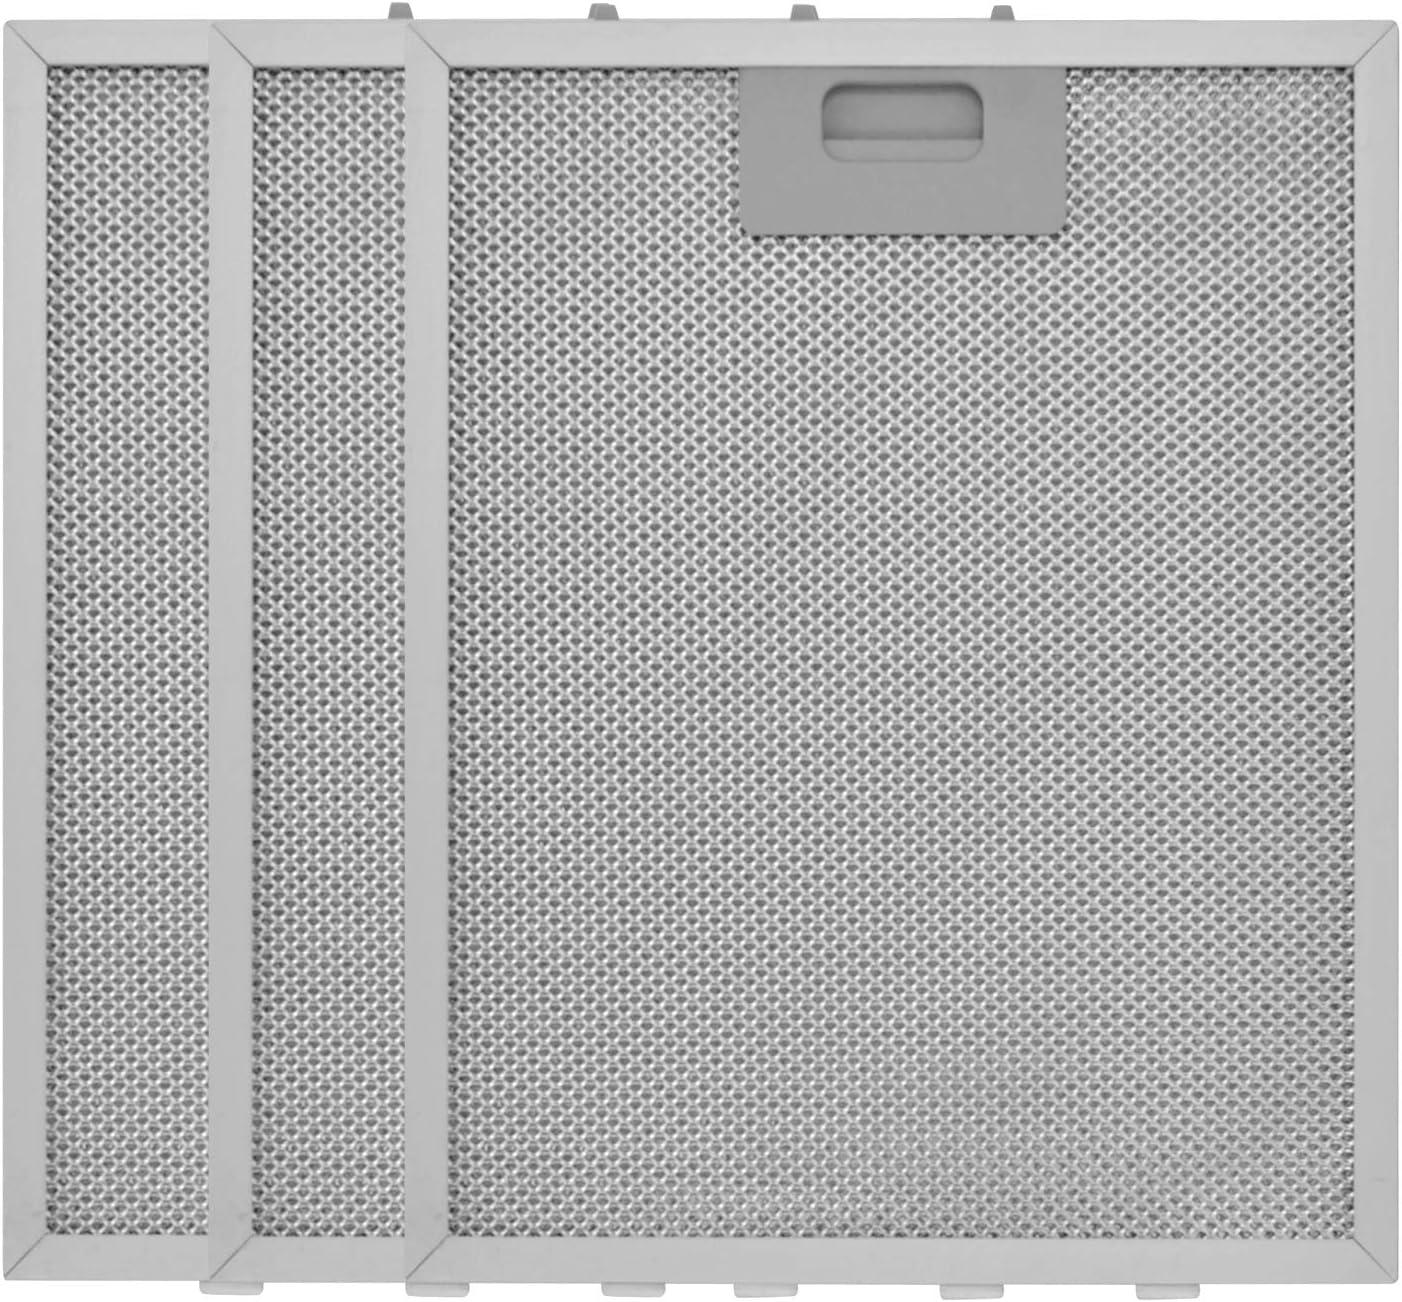 Filtro Campana Extractora Universal 320 x 260, Filtro de Grasa para Campana Extractora de Cocina por Poweka (3 Piezas)